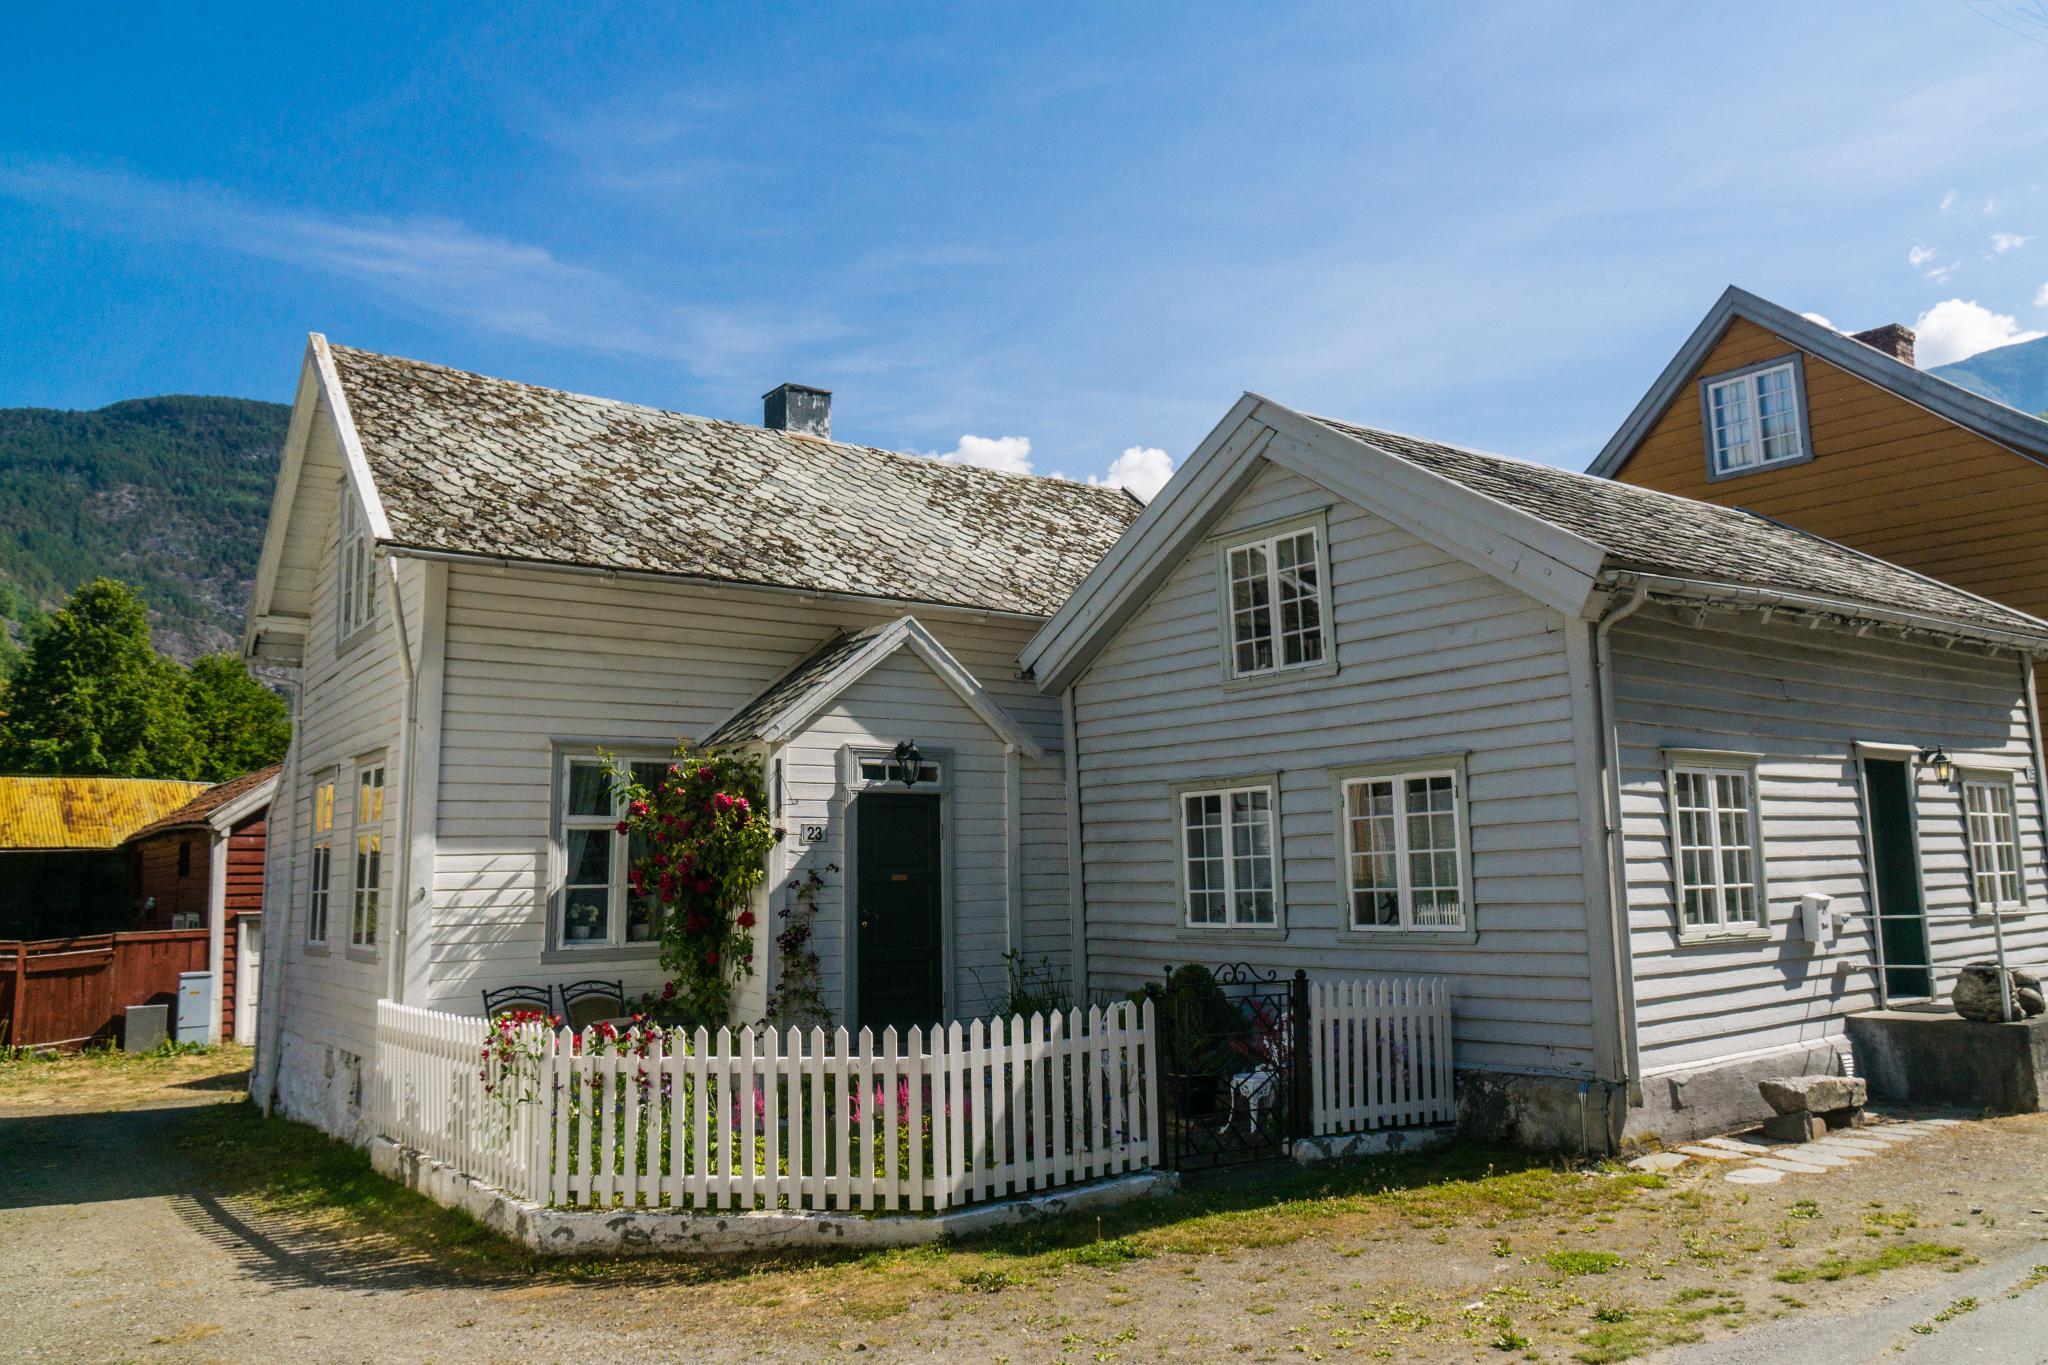 【北歐景點】Lærdalsøyri 世遺松恩峽灣萊達爾小鎮的仲夏風景 31